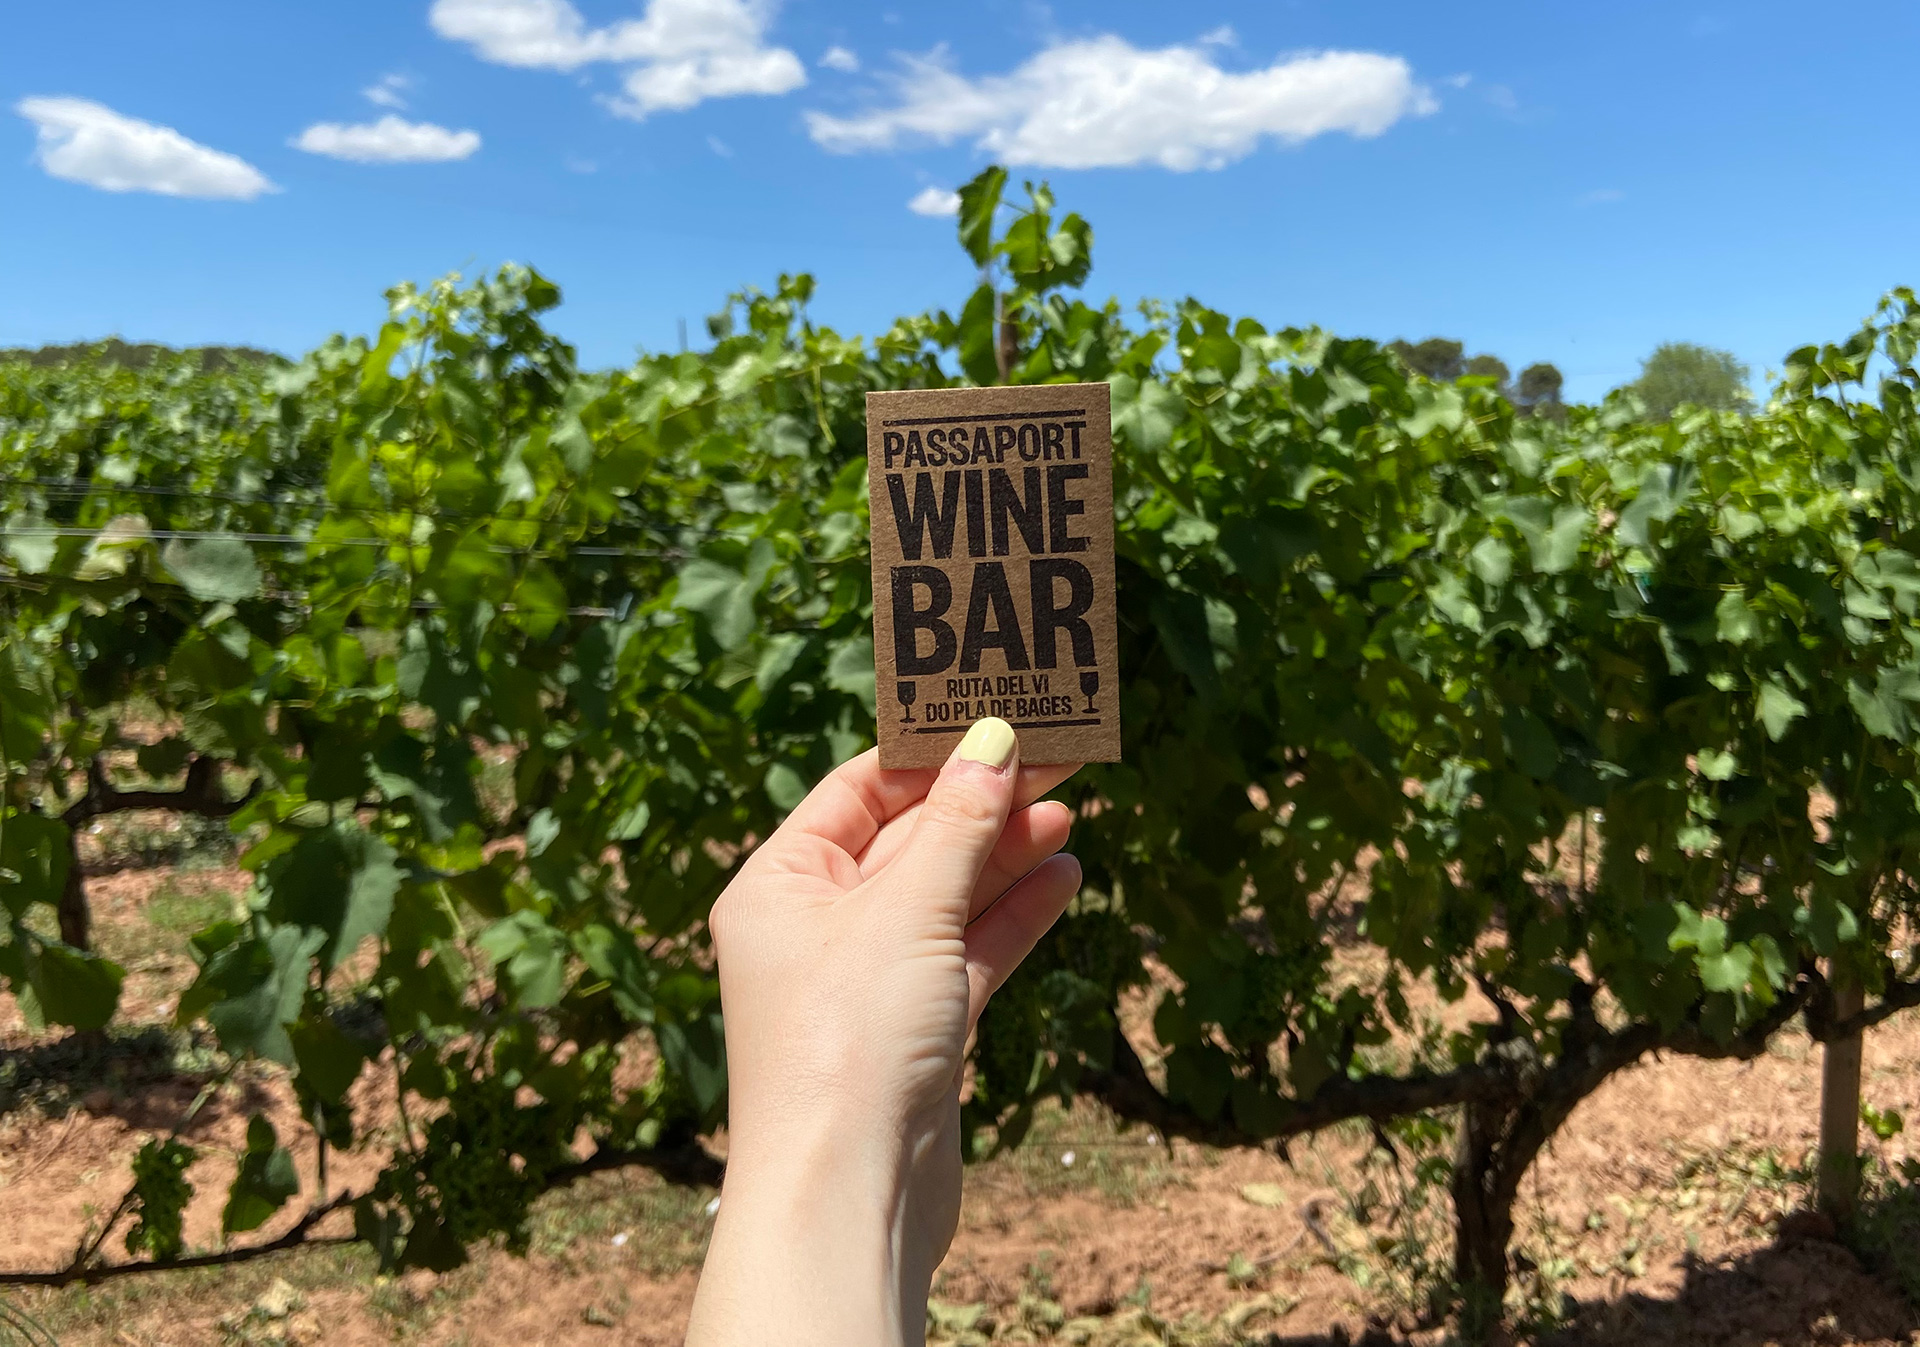 Passaport Wine Bar